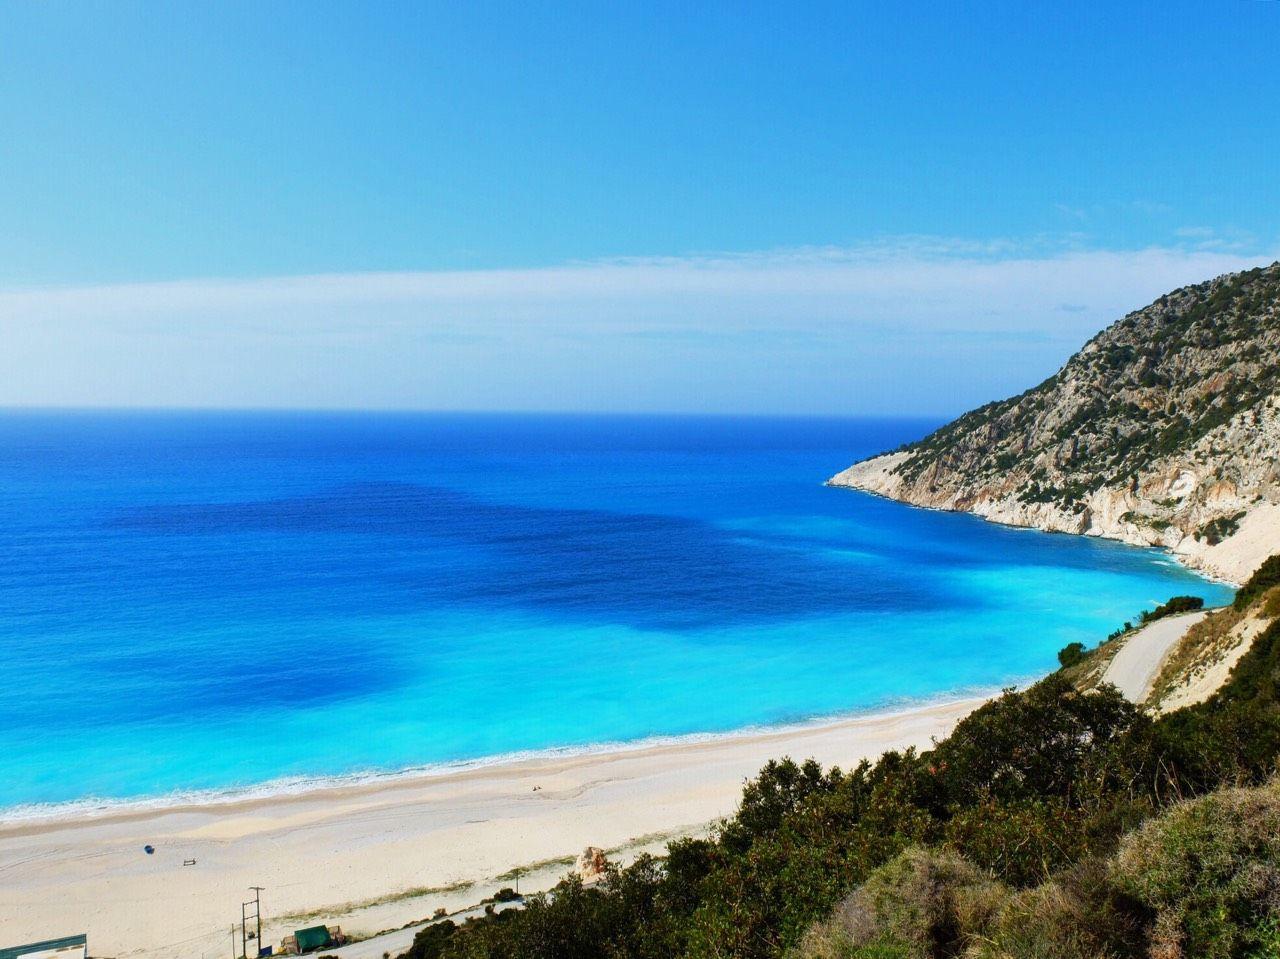 粗削りの自然、牧歌的な風景、そして海の青さに定評があるケファロニア島